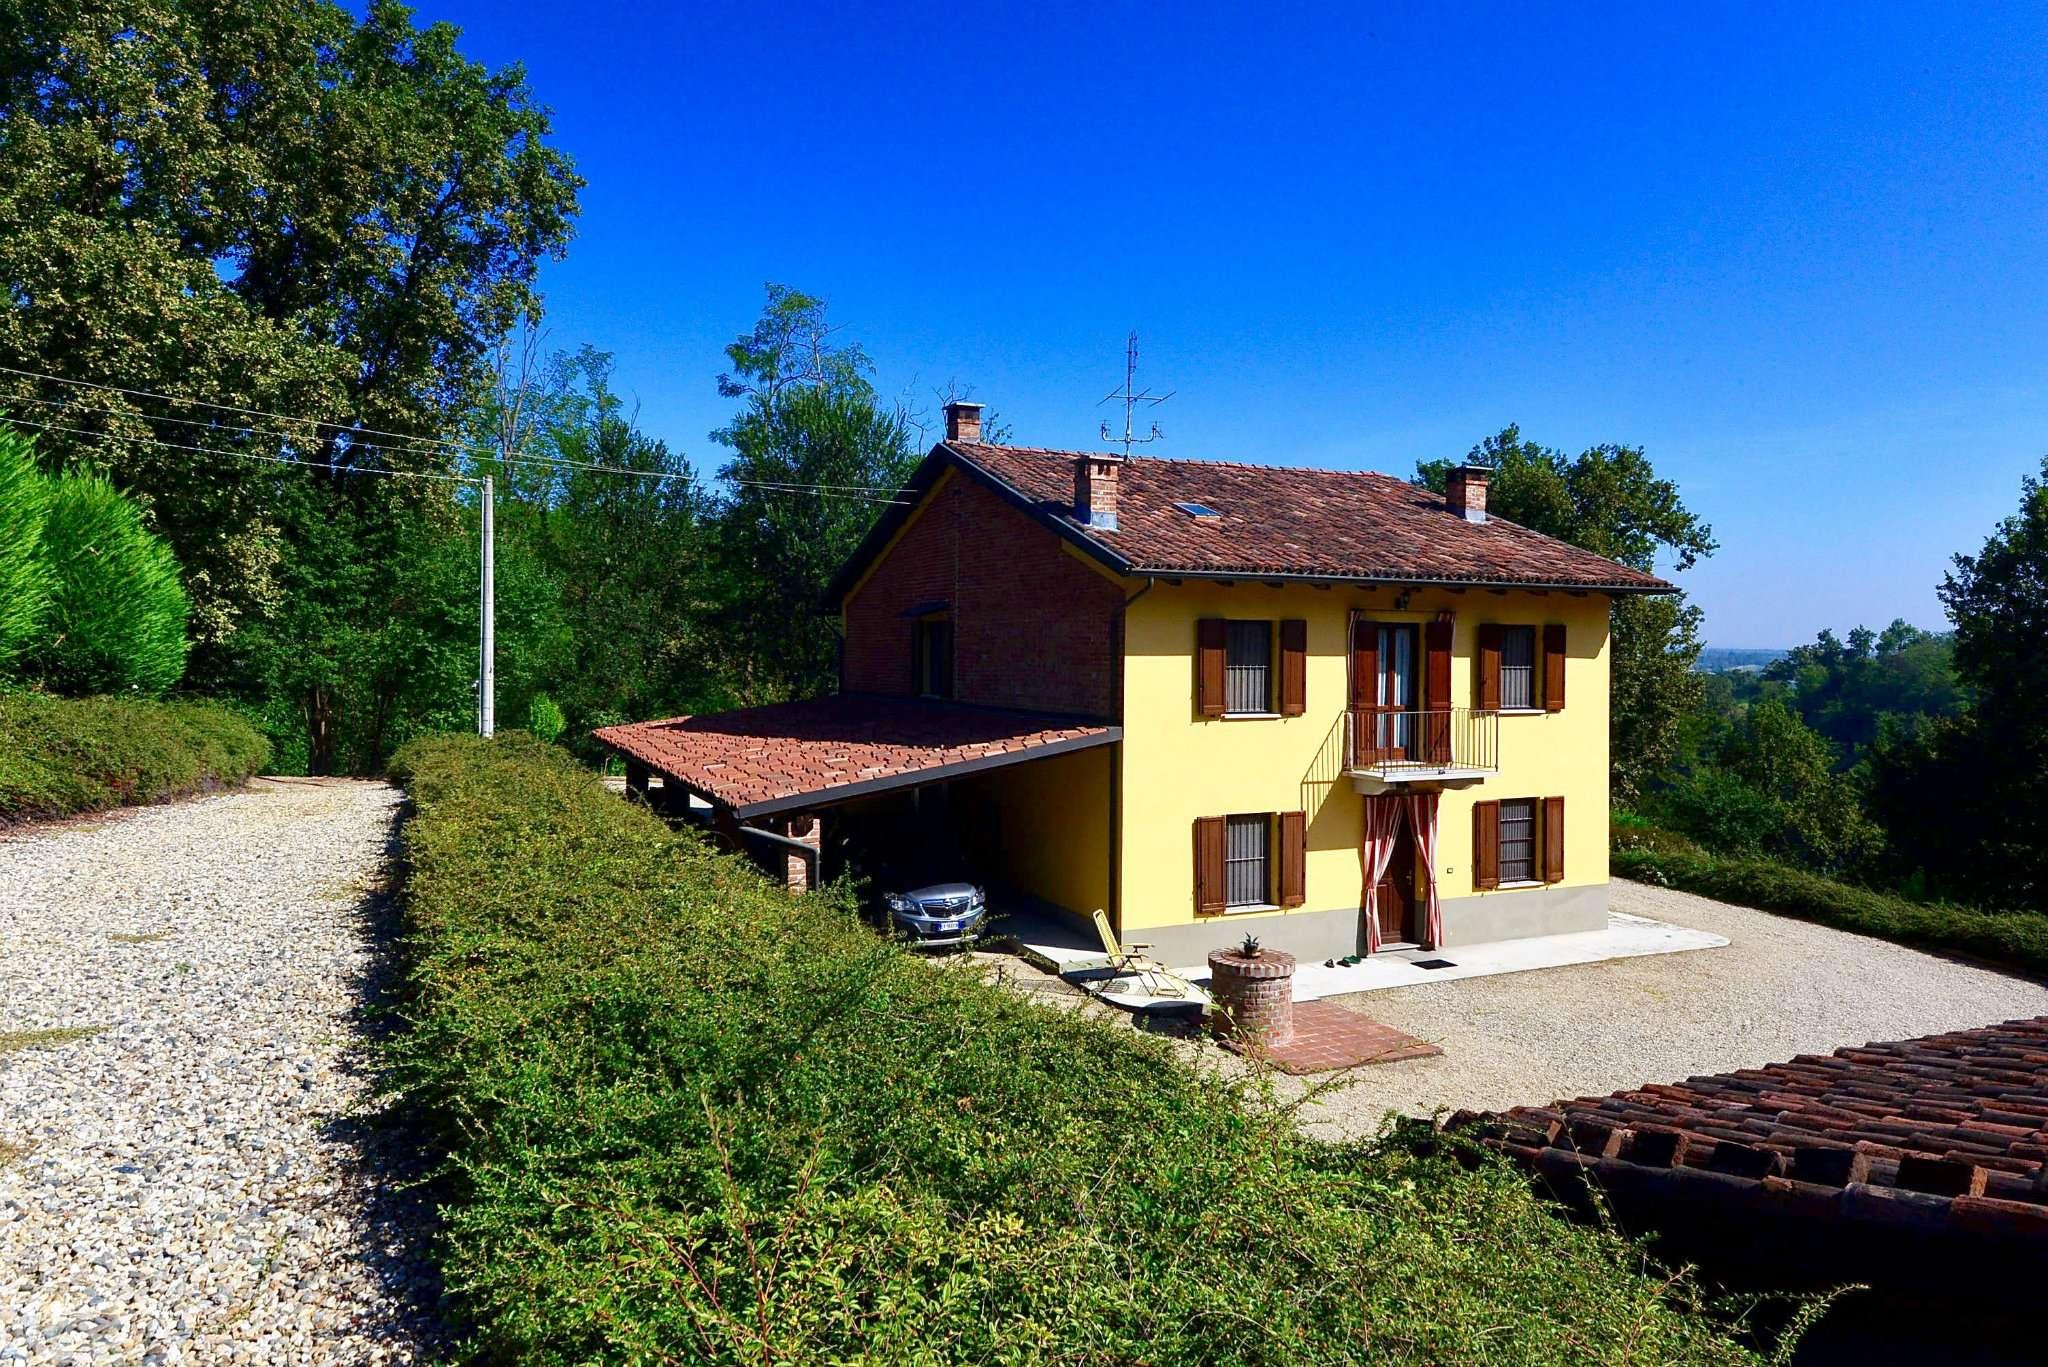 Soluzione Indipendente in vendita a Rocchetta Tanaro, 7 locali, prezzo € 495.000 | CambioCasa.it